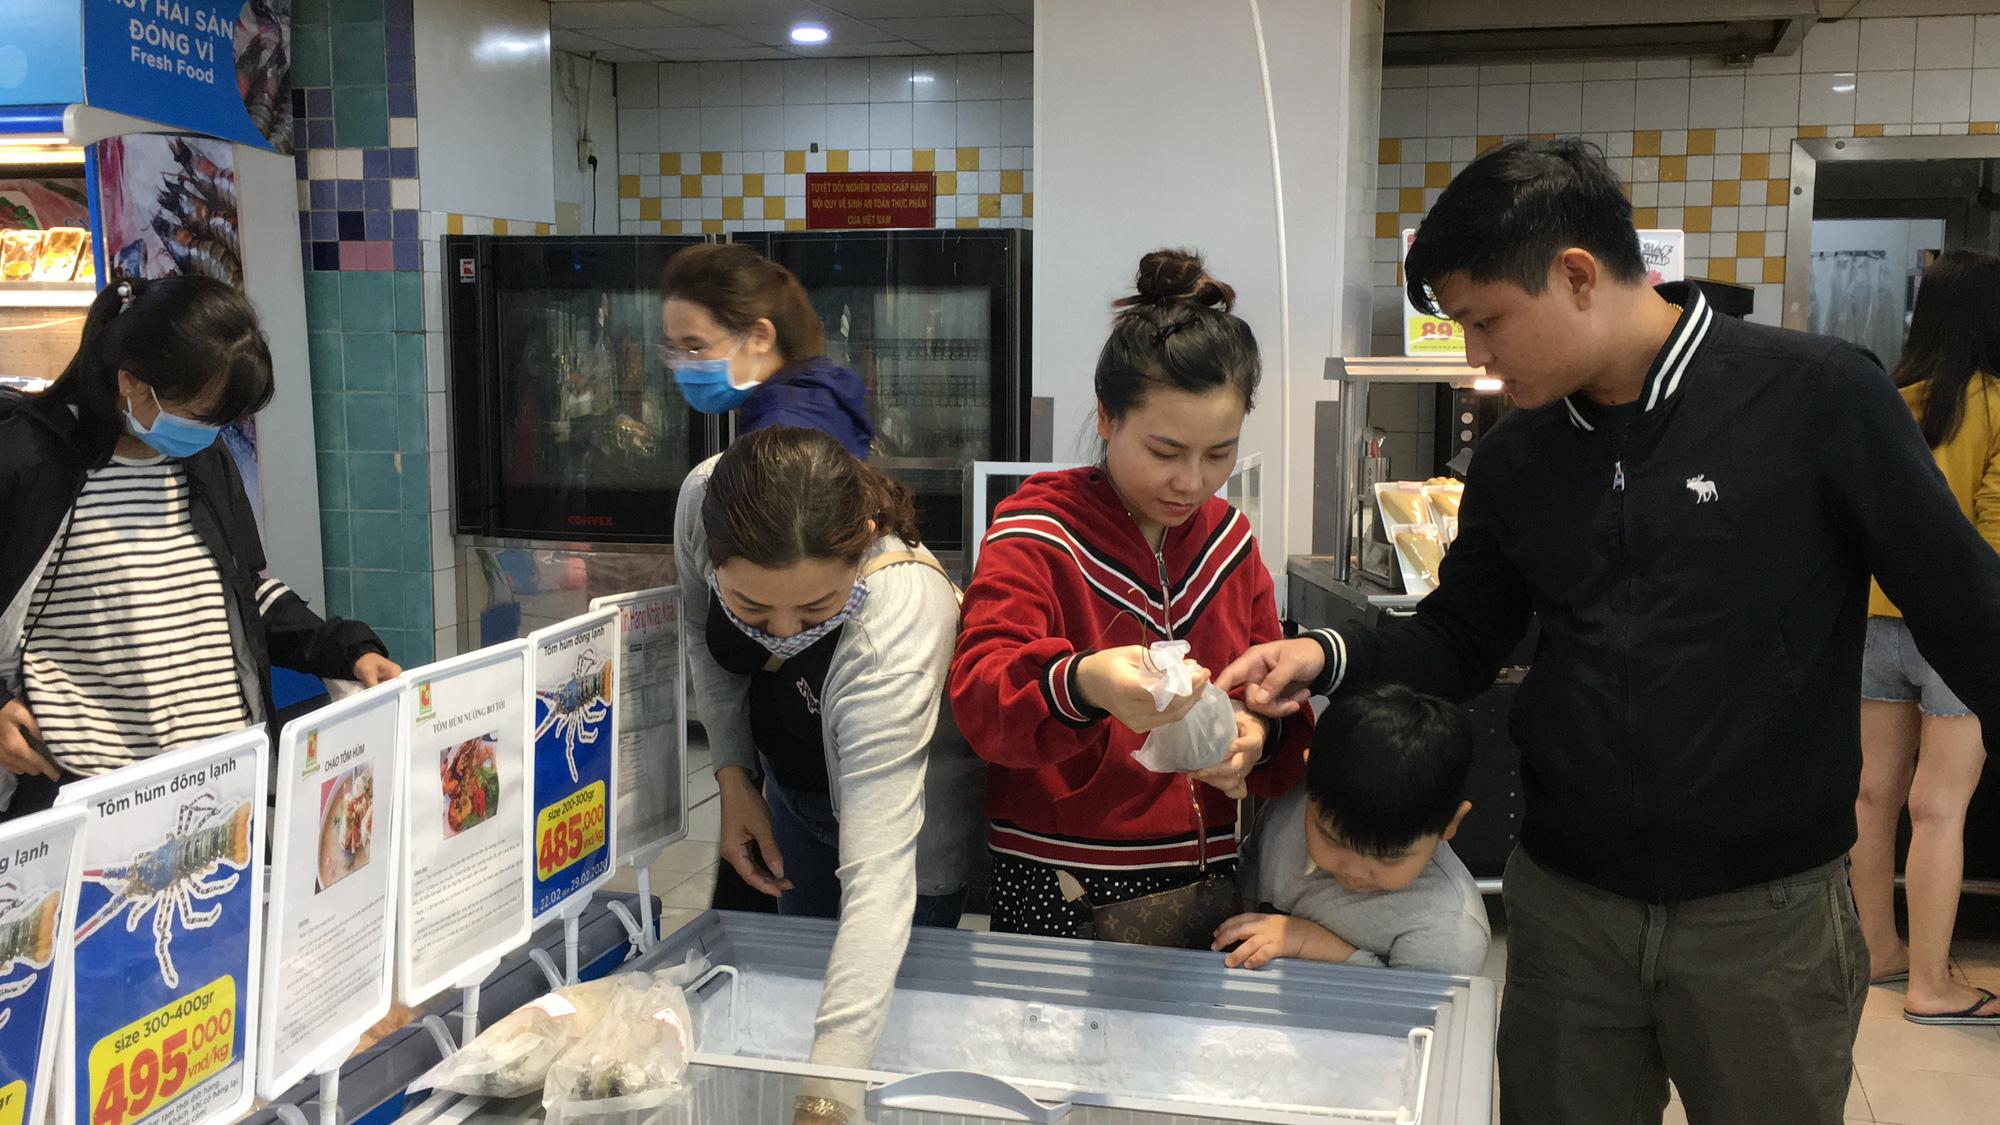 Giải cứu tôm hùm ở Đà Nẵng: Sức mua nhẹ, người dân muốn mua loại còn sống nhưng chỉ có hàng đông lạnh - Ảnh 8.